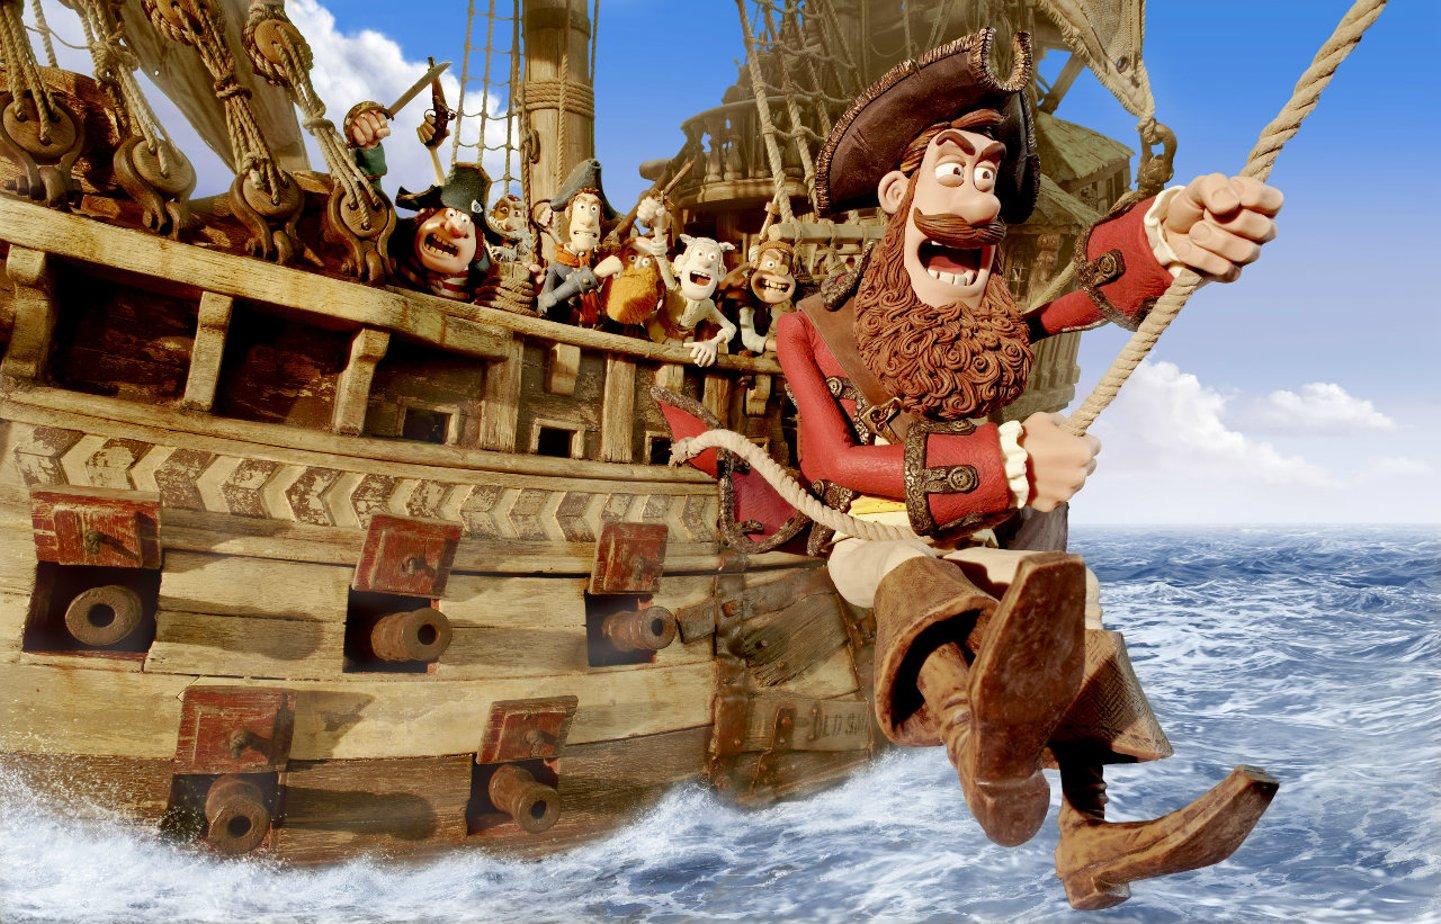 базе пираты смотреть картинки мать была